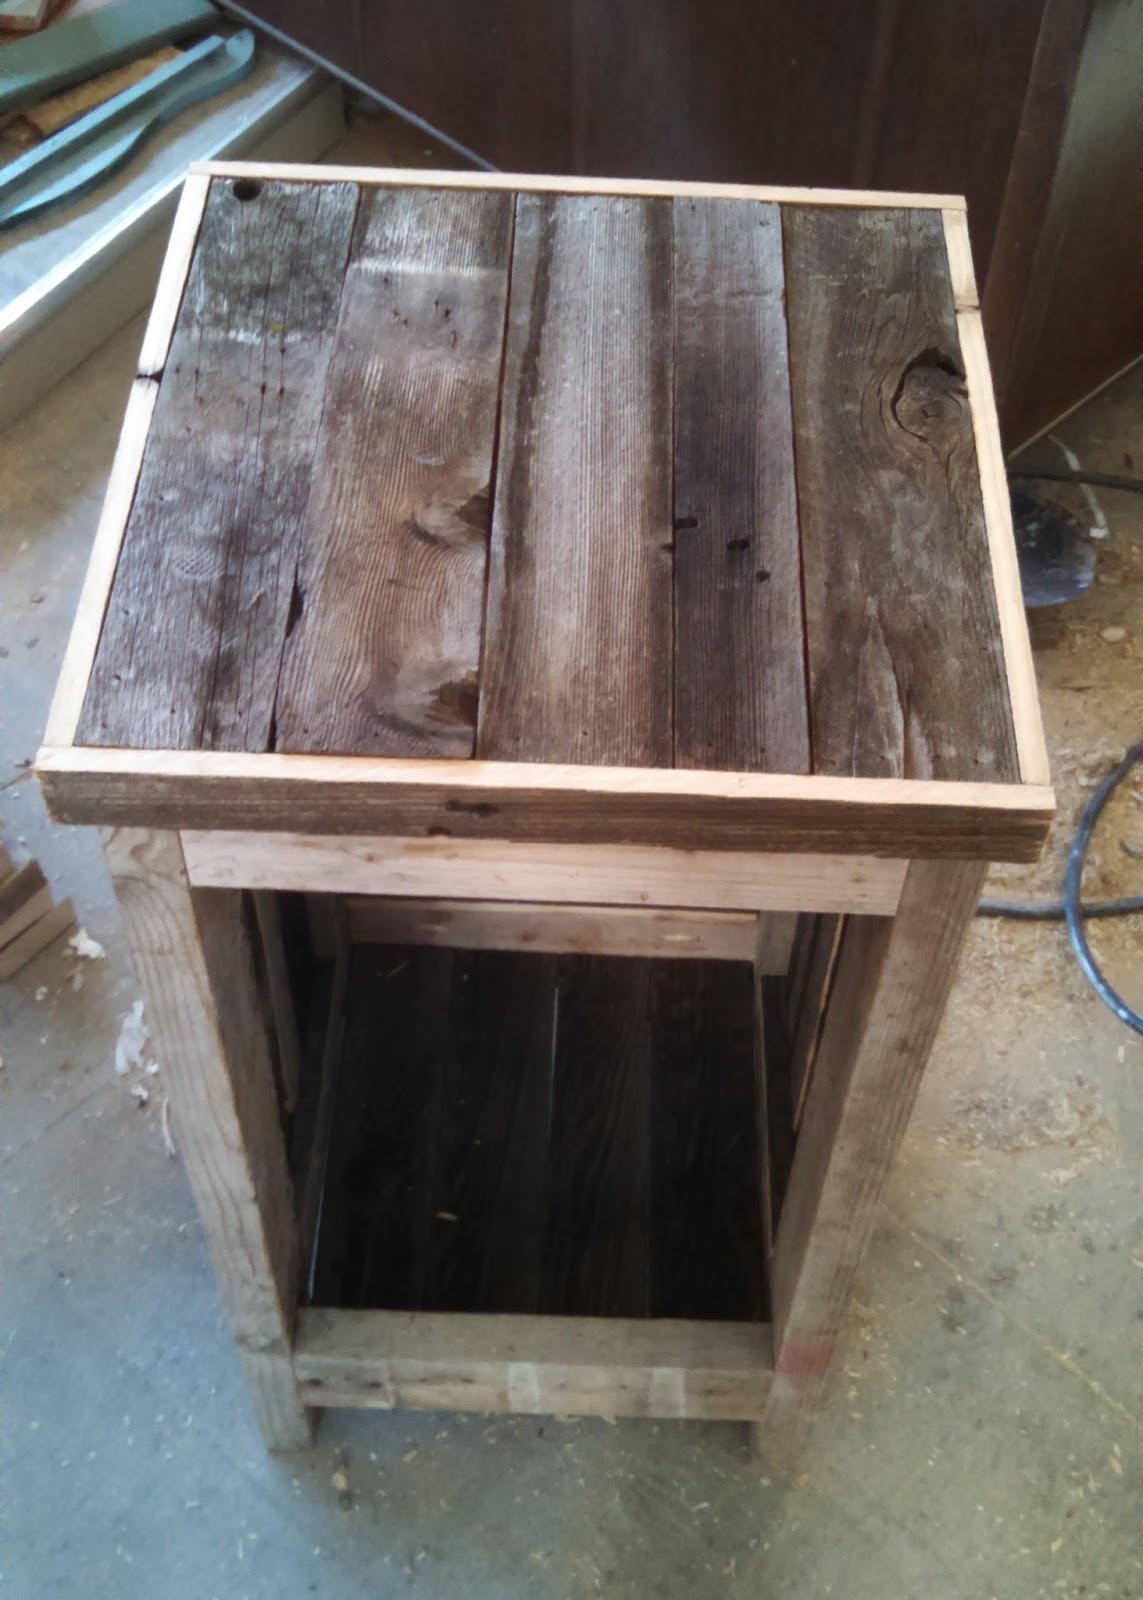 Outdoor Storage Bench Using A Kreg Jig Averie Lane Outdoor Storage Bench Using A Kreg Jig